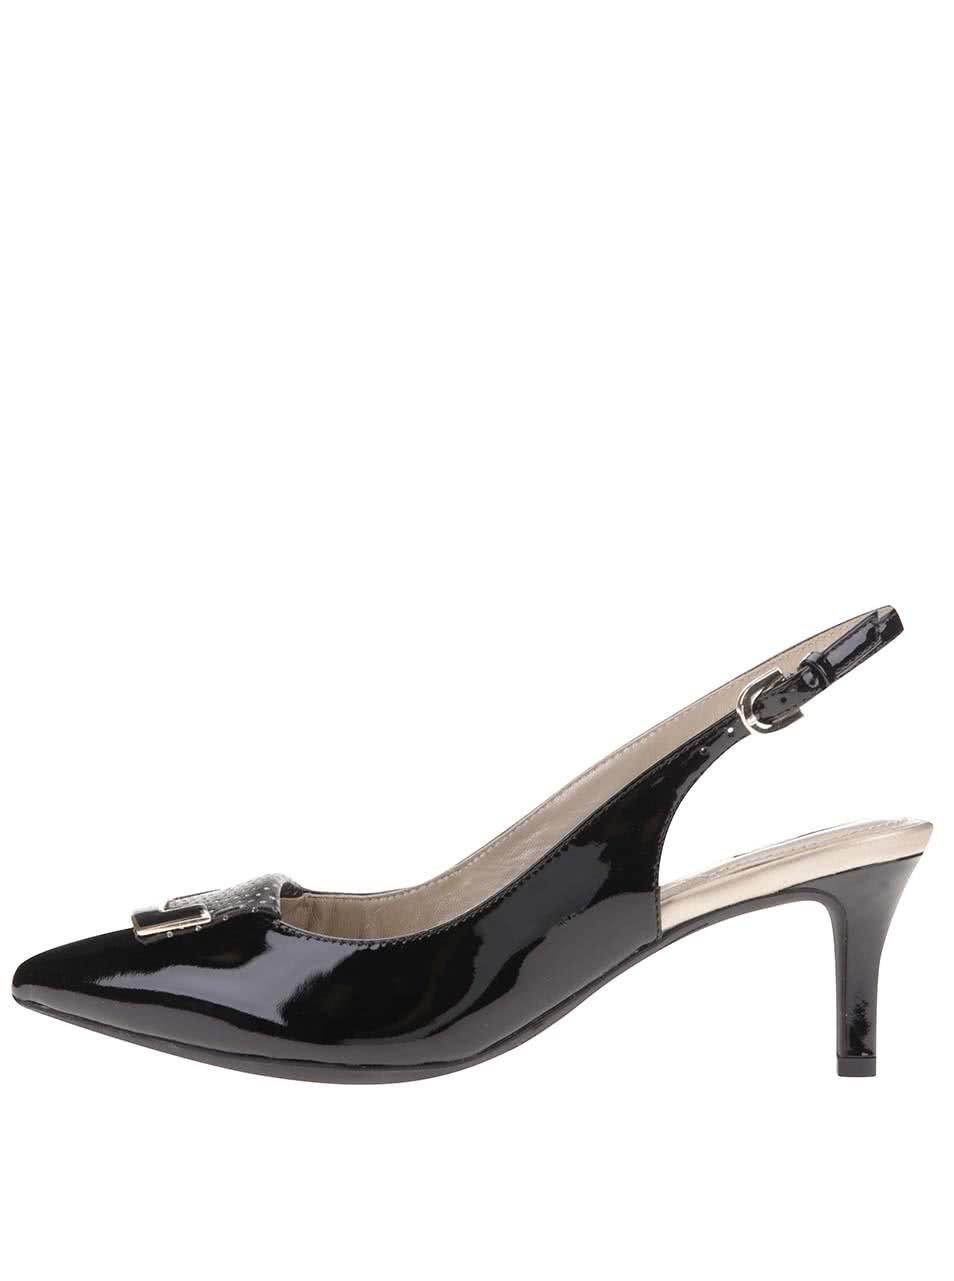 Černé kožené sandálky na podpatku Geox Elina